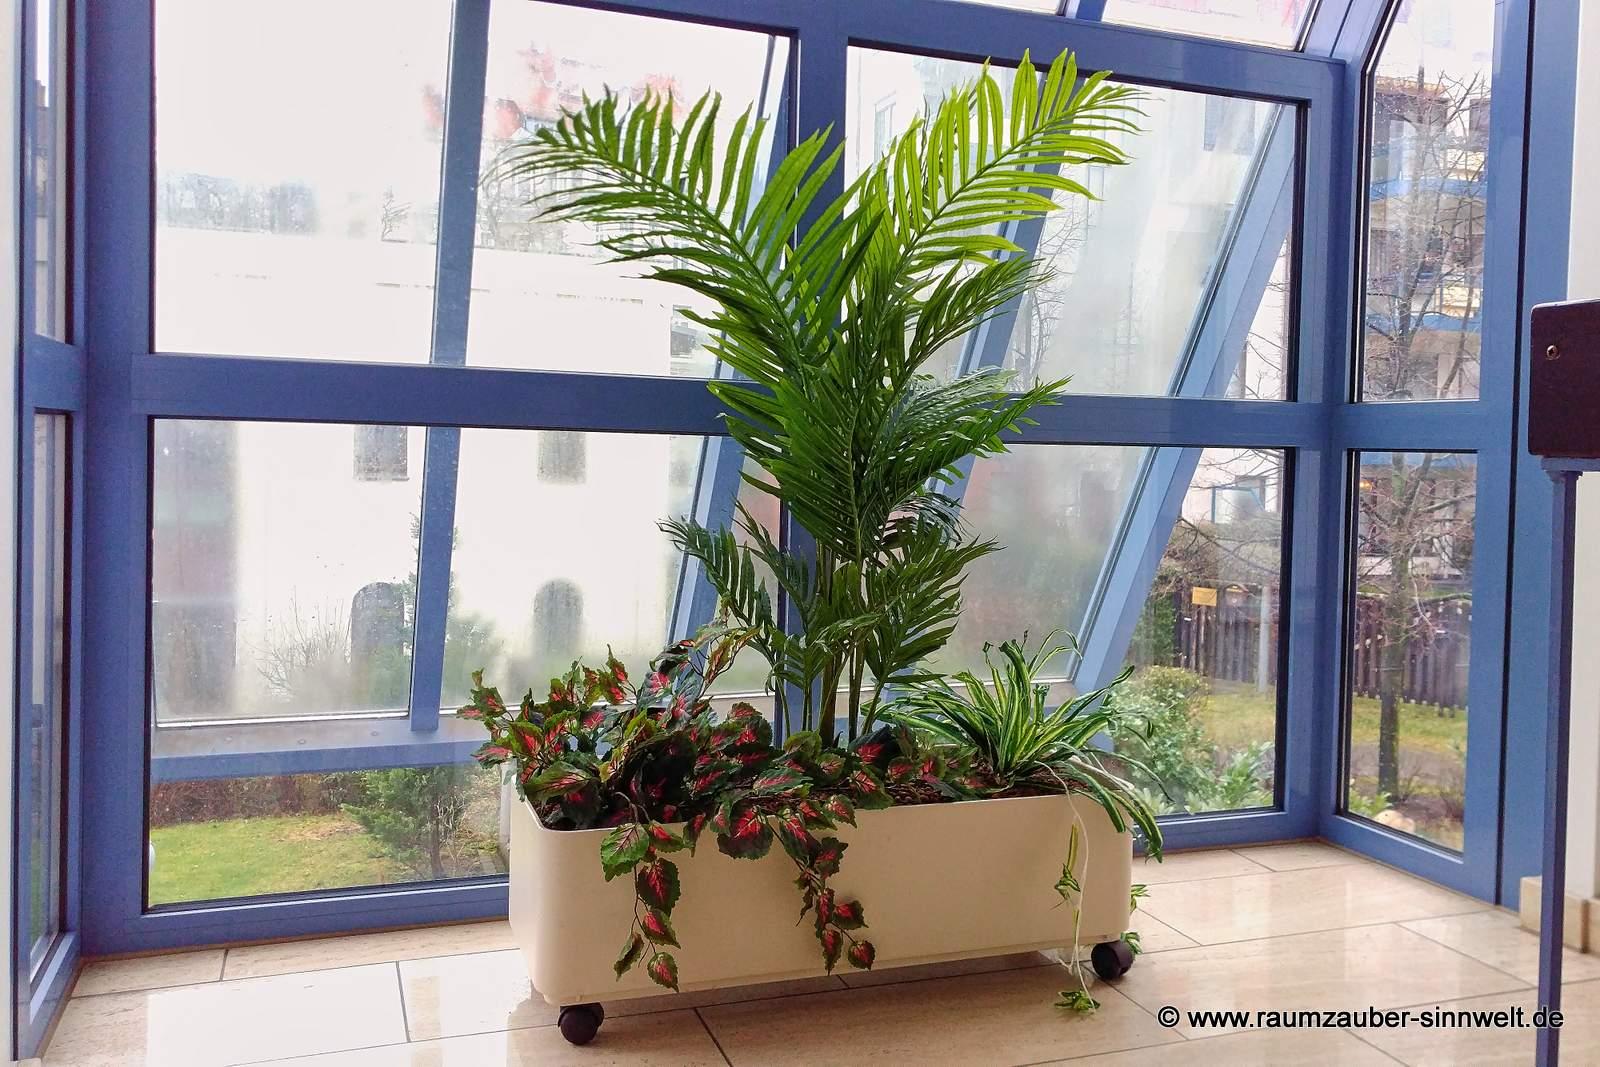 künstliche Bepflanzung im Treppenhaus